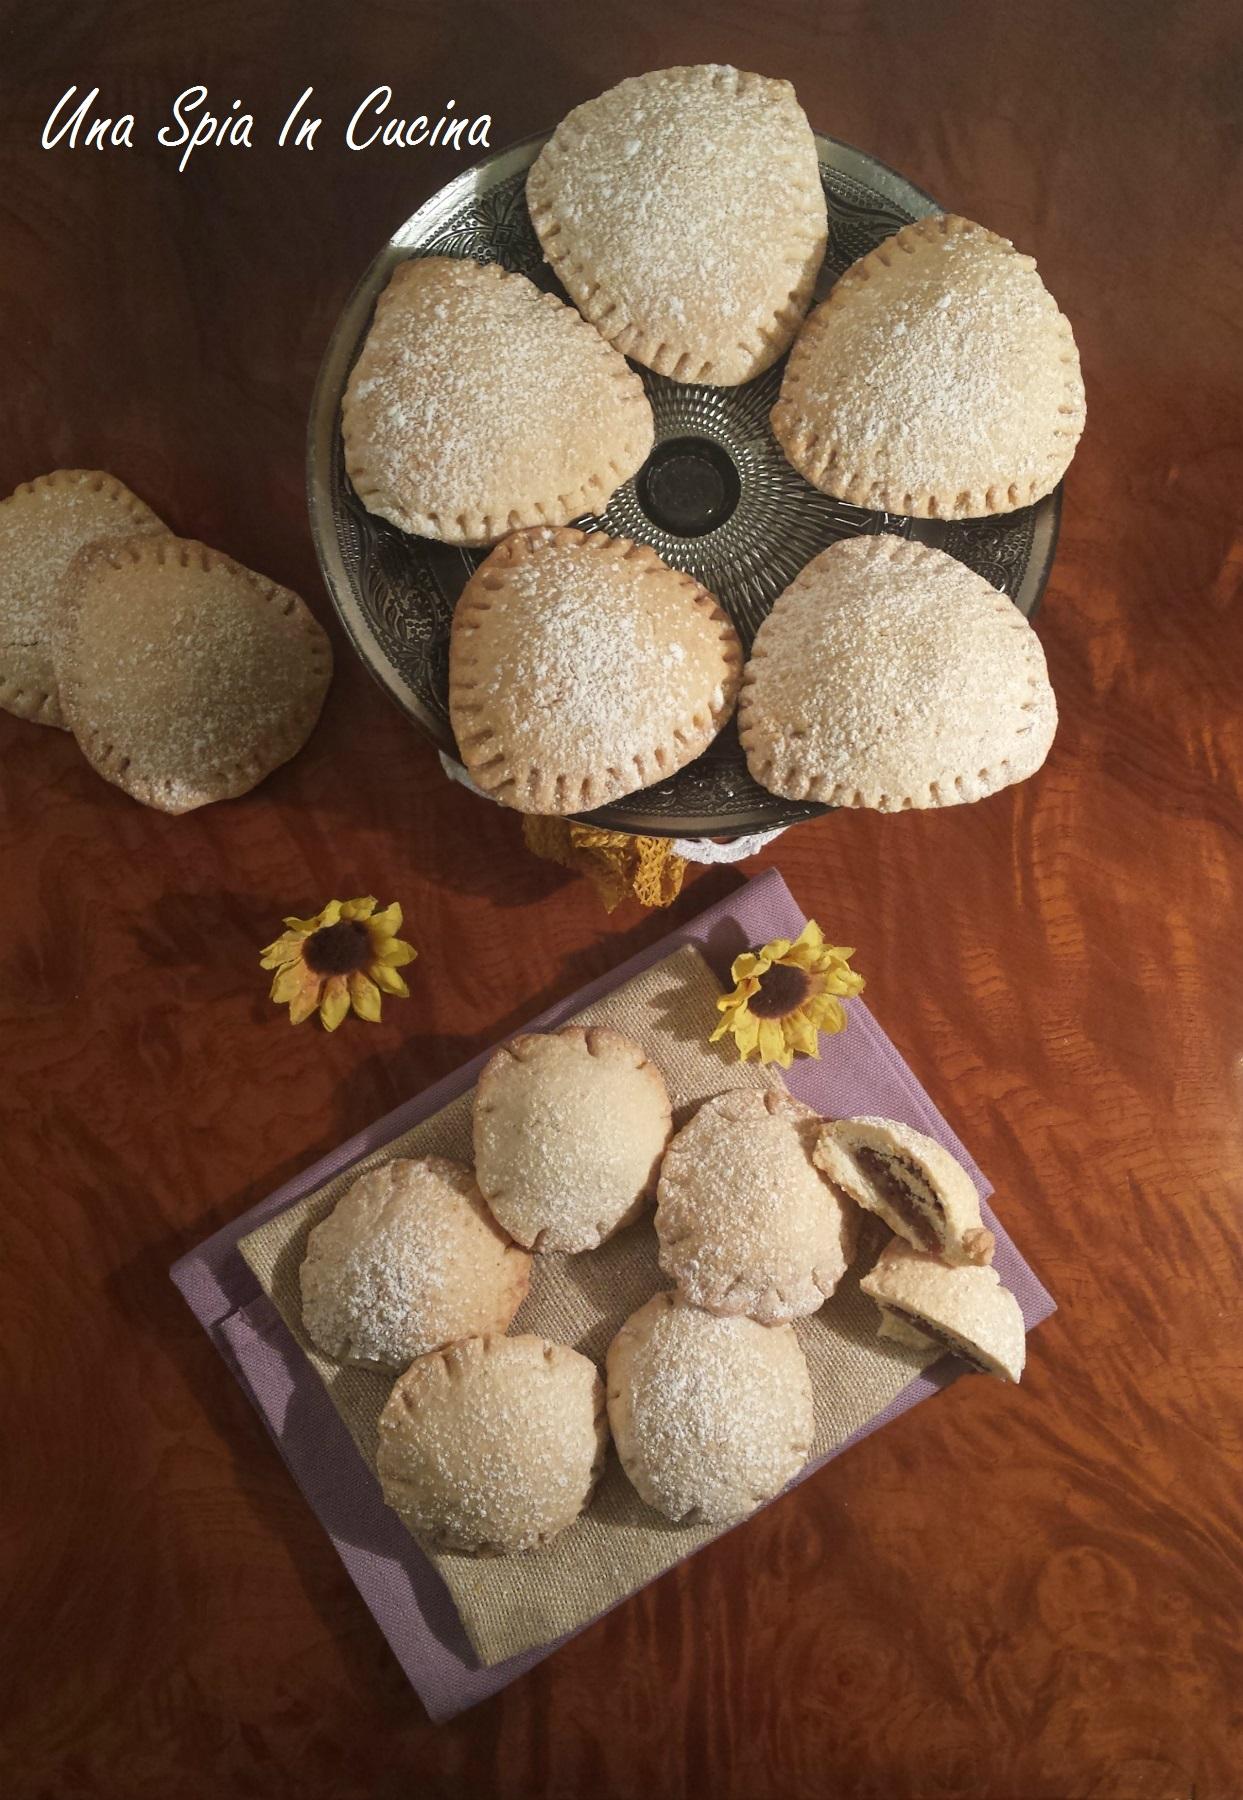 Biscotti ripieni di frutta secca, cioccolato e confettura